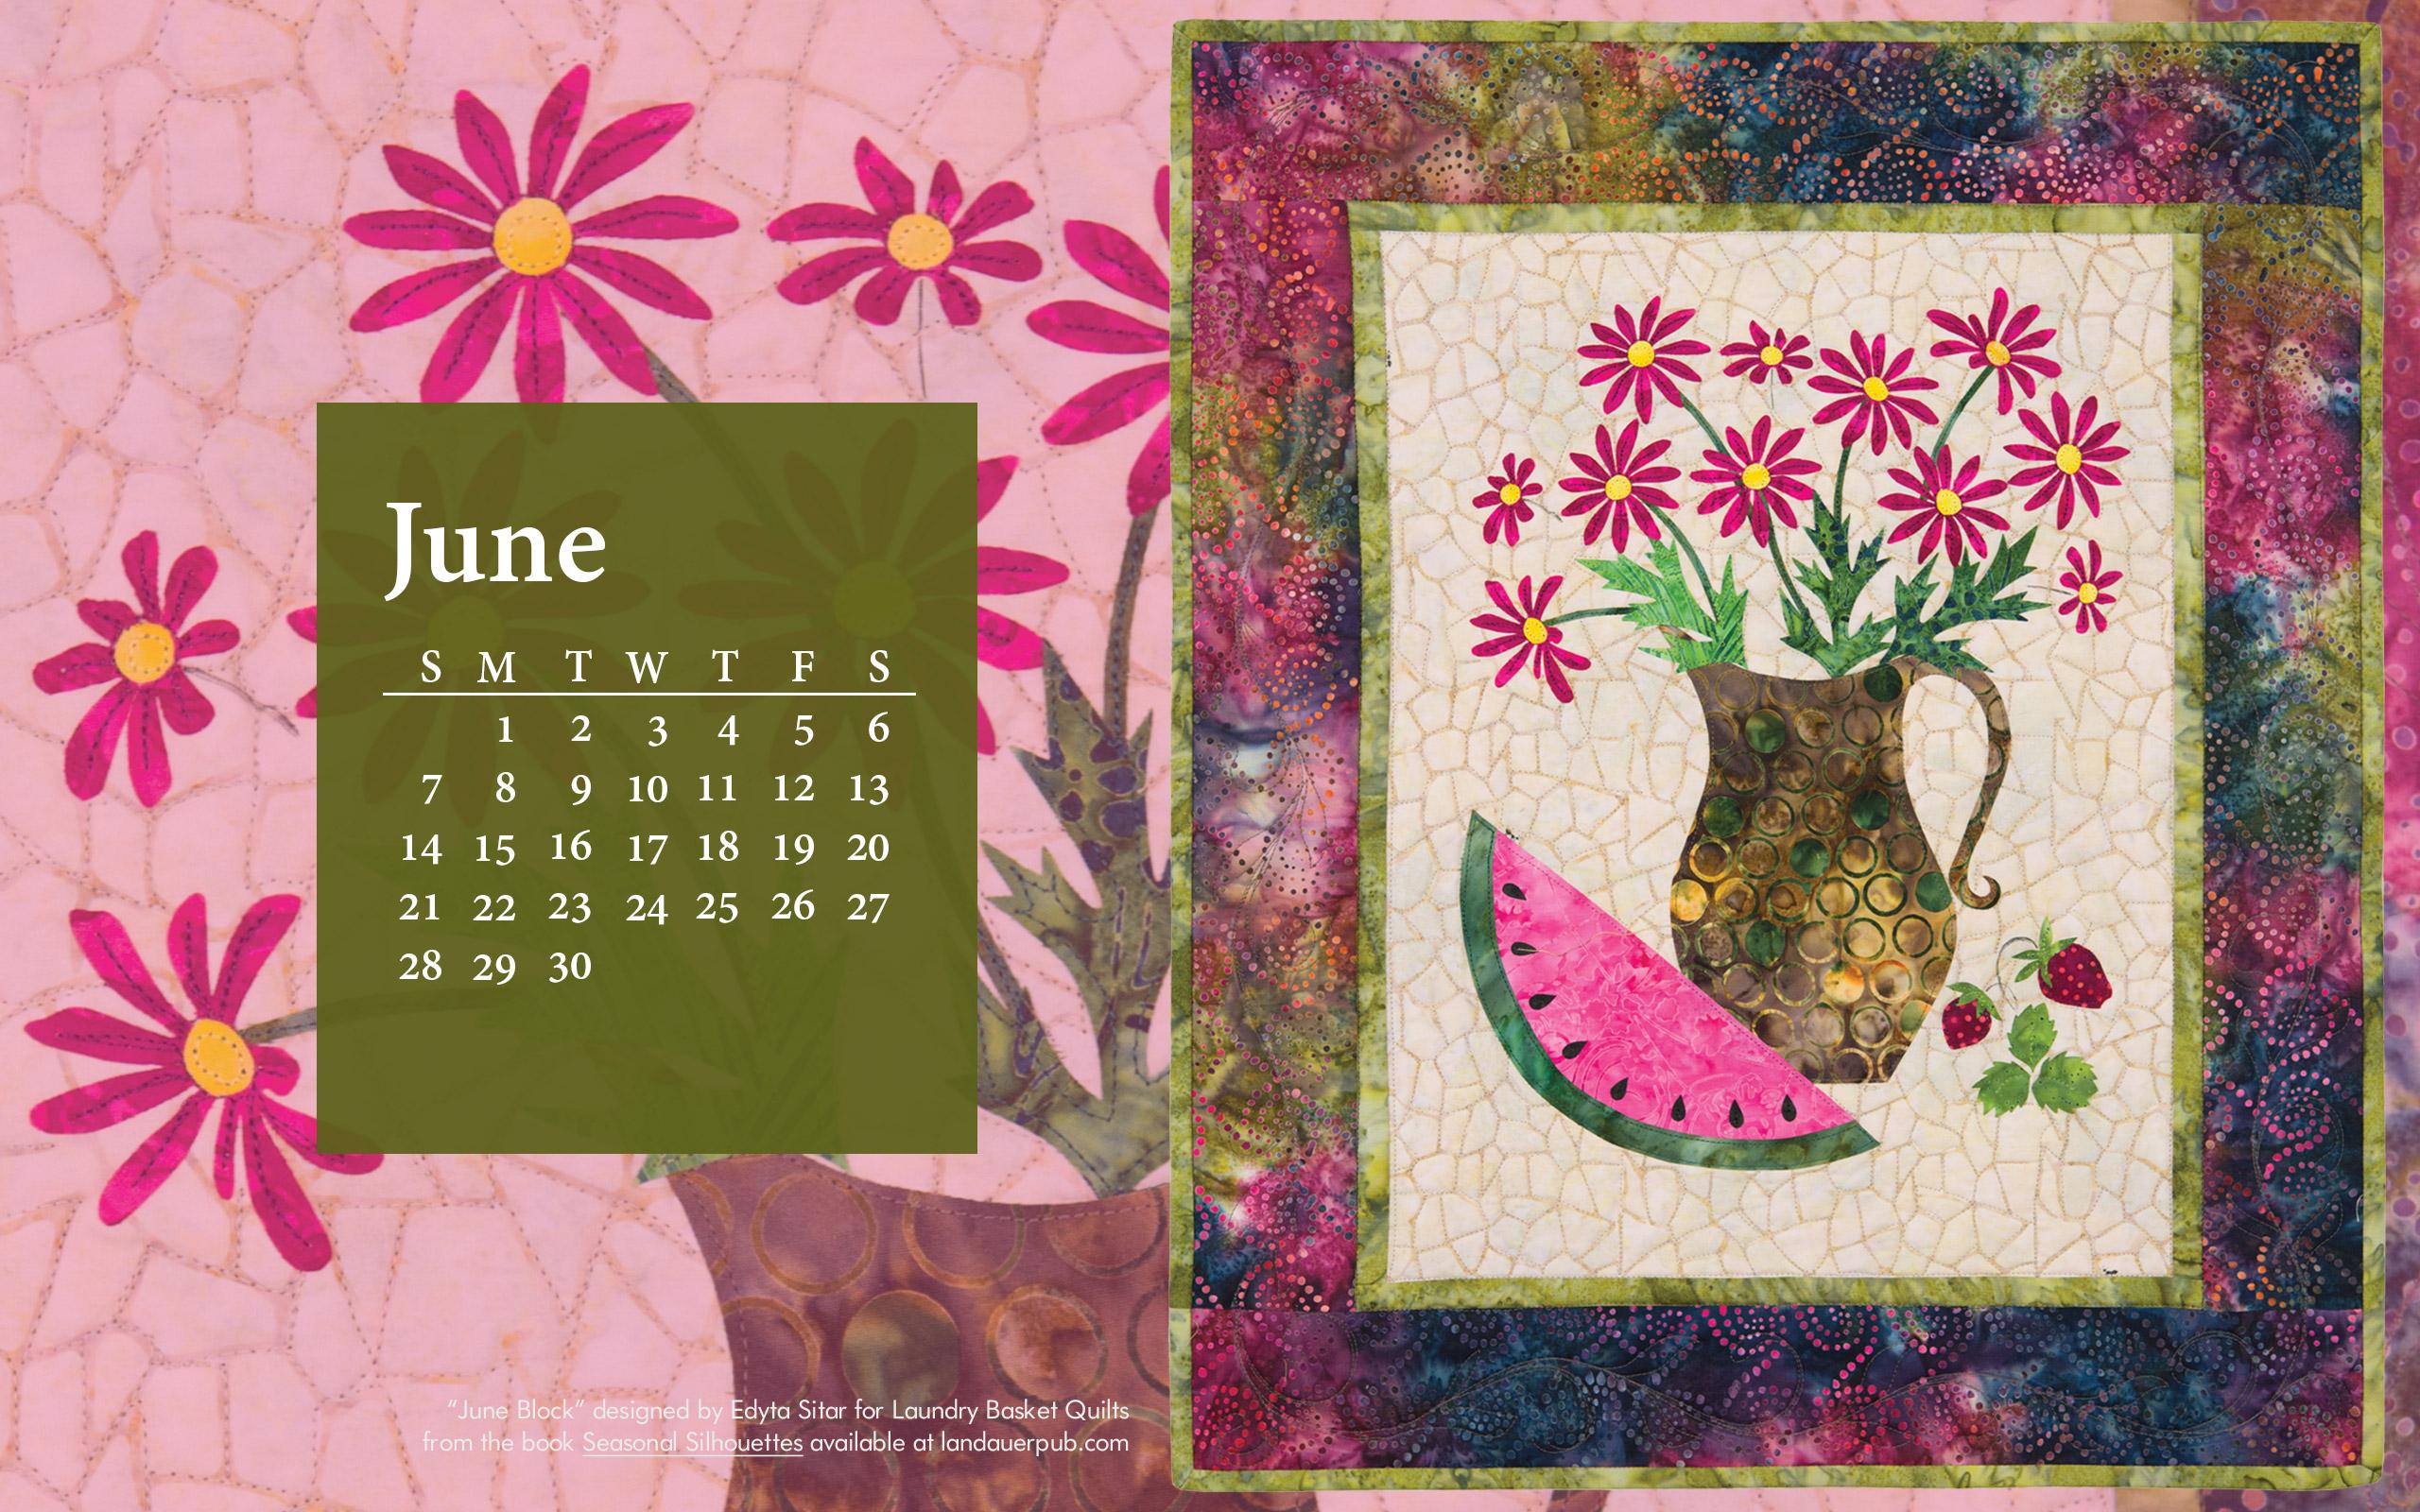 Calendar Girl June Read Free : Free quilt computer wallpaper